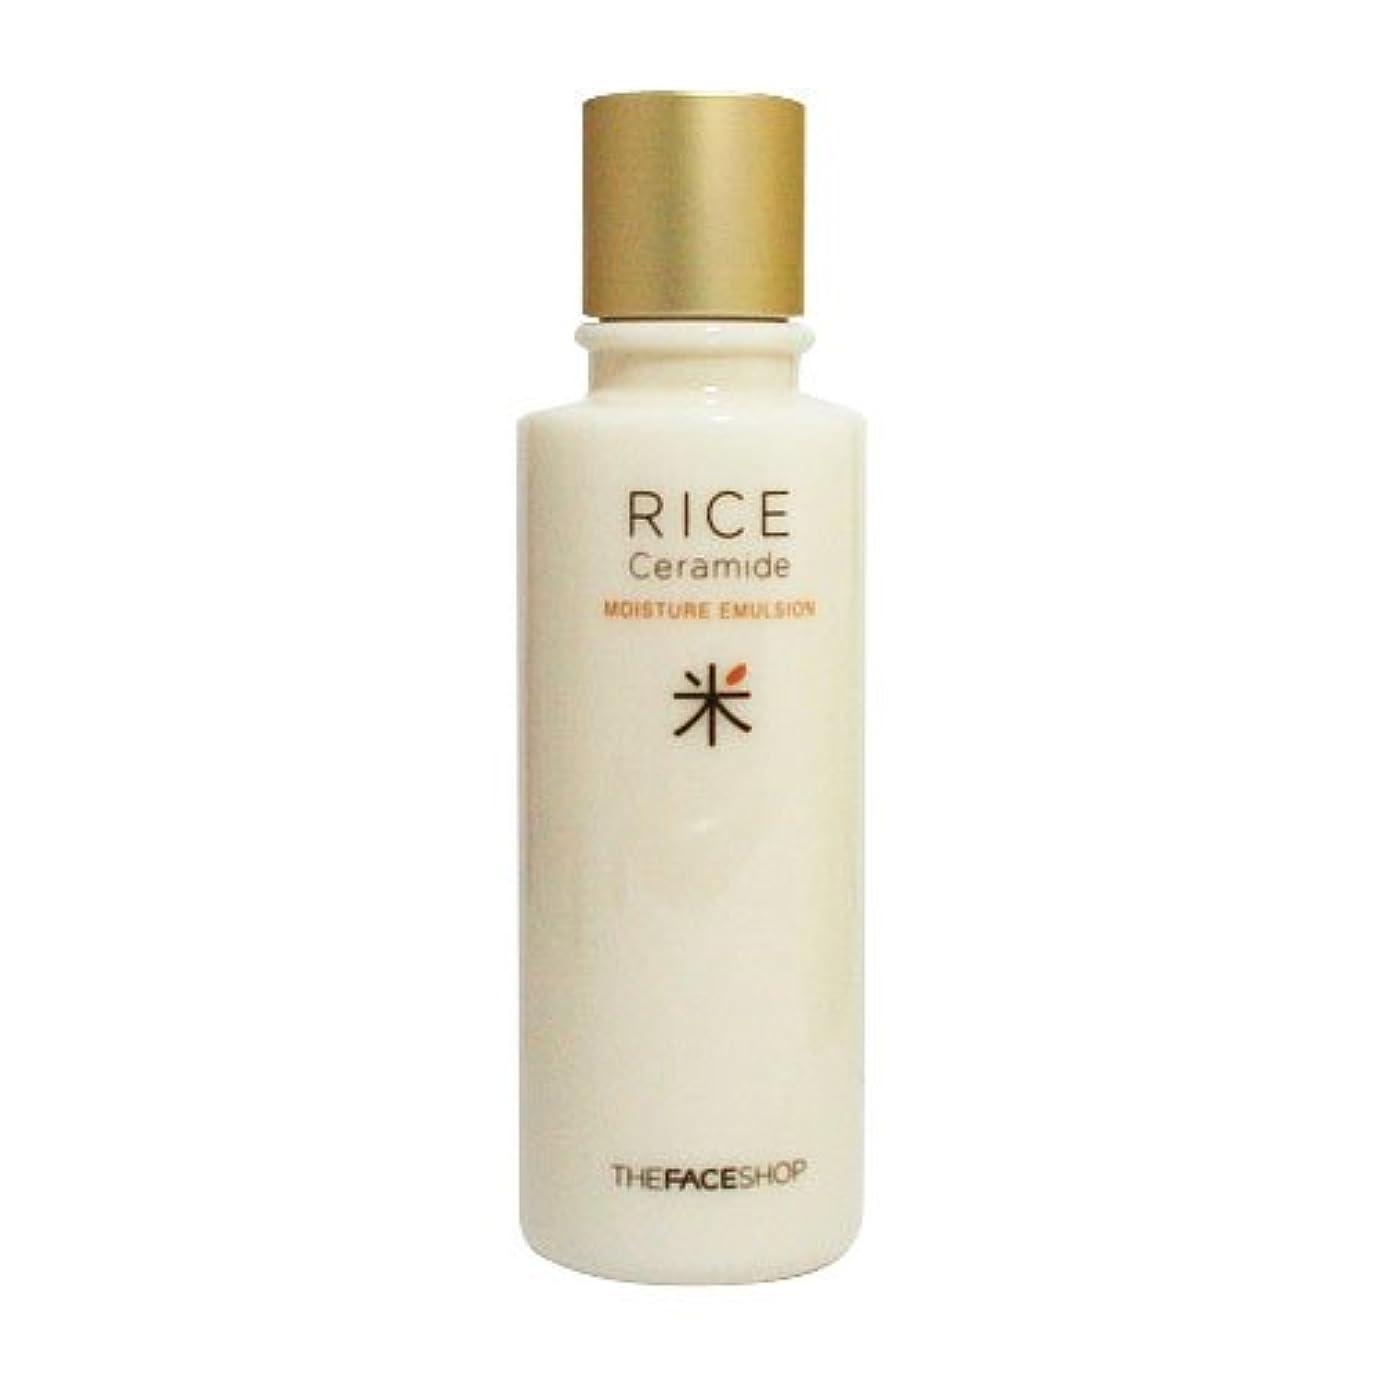 硬い偽物置換[ザ?フェイスショップ] The Face Shop ライス&セラミド モイスチャーエマルジョン Rice & Ceramide Moisture Emulsion [並行輸入品]